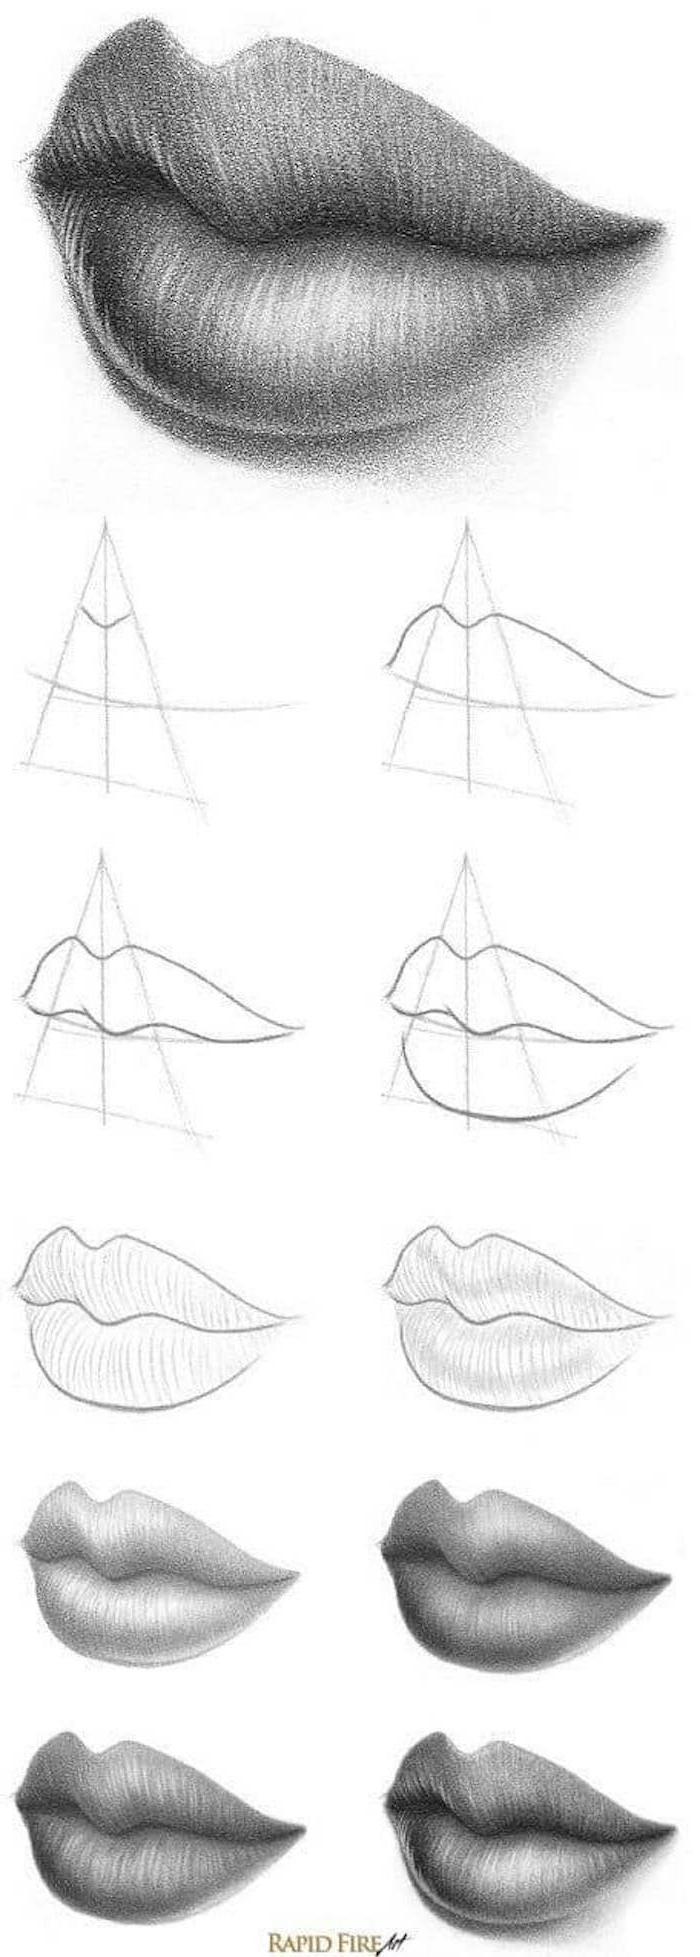 dibujo boca paso a paso, ideas de tutoriales de dibujos de caras en estilo realista, dibujos de personas faciles